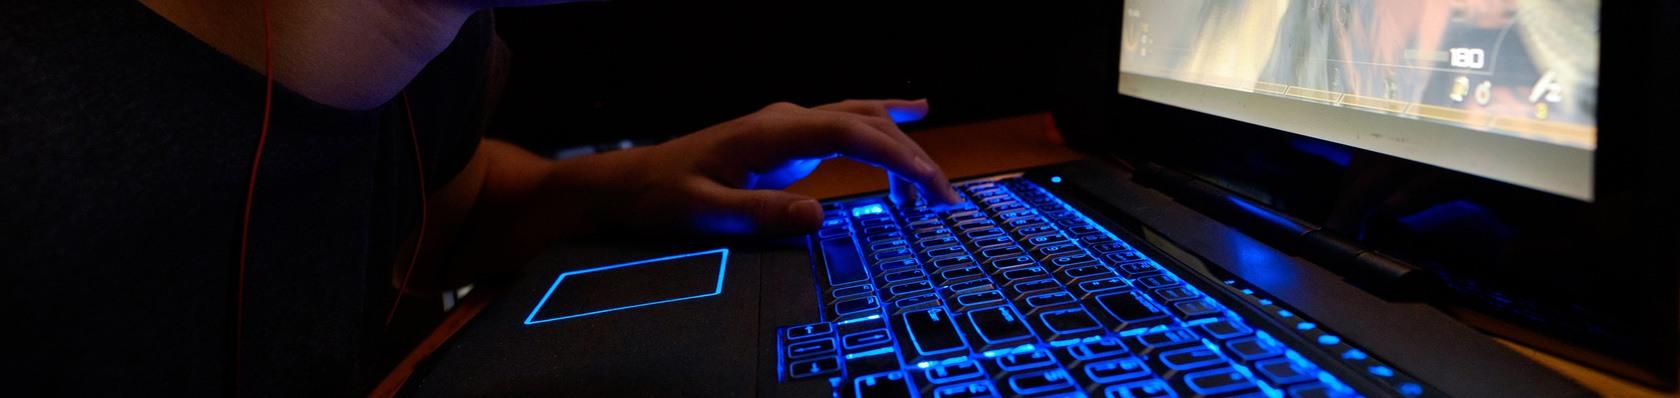 Gaming Laptops im Test auf ExpertenTesten.de